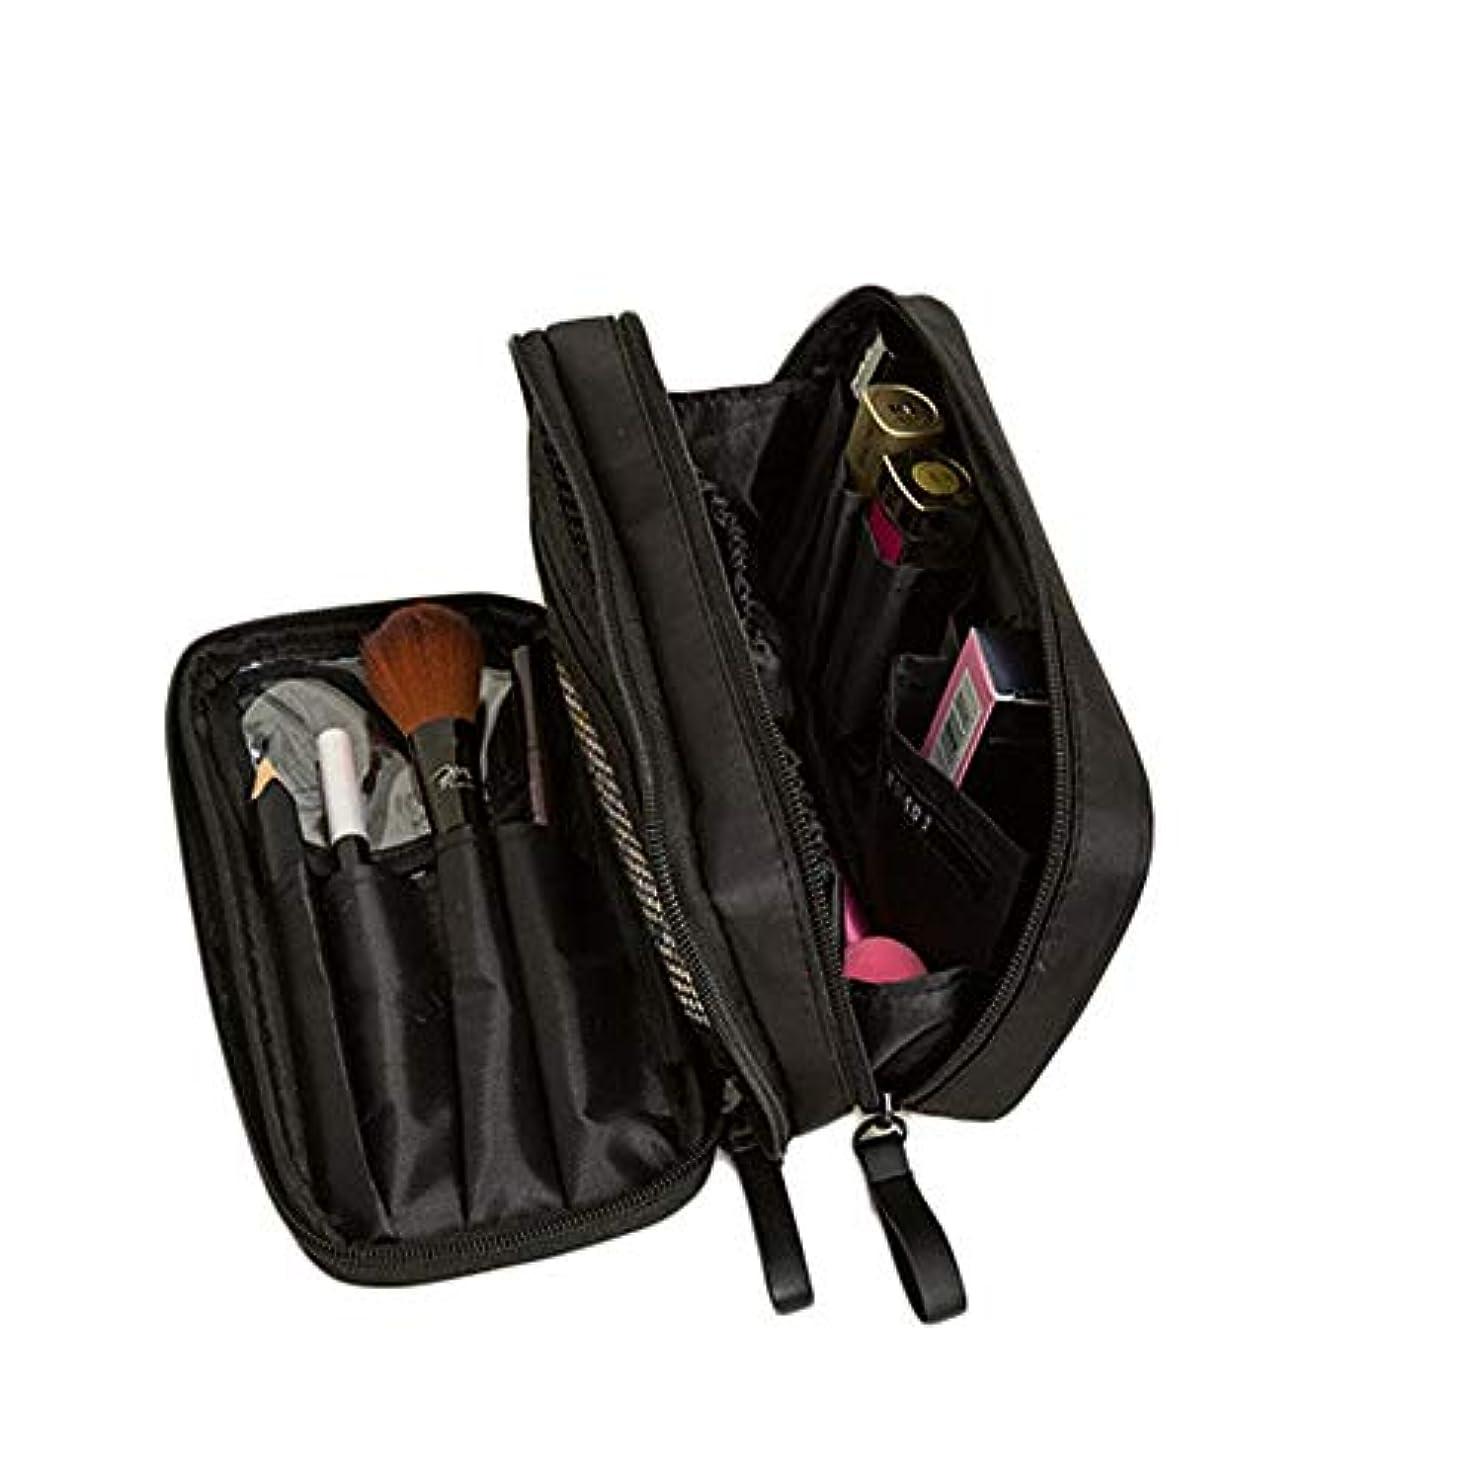 上院議員デクリメントアッティカス特大スペース収納ビューティーボックス 携帯用化粧品袋、専門の化粧品袋の札入れの旅行者の密集した二重層化粧品/化粧品のブラシ袋の女性、旅行/電車セットの貯蔵袋。 化粧品化粧台 (色 : ブラック)